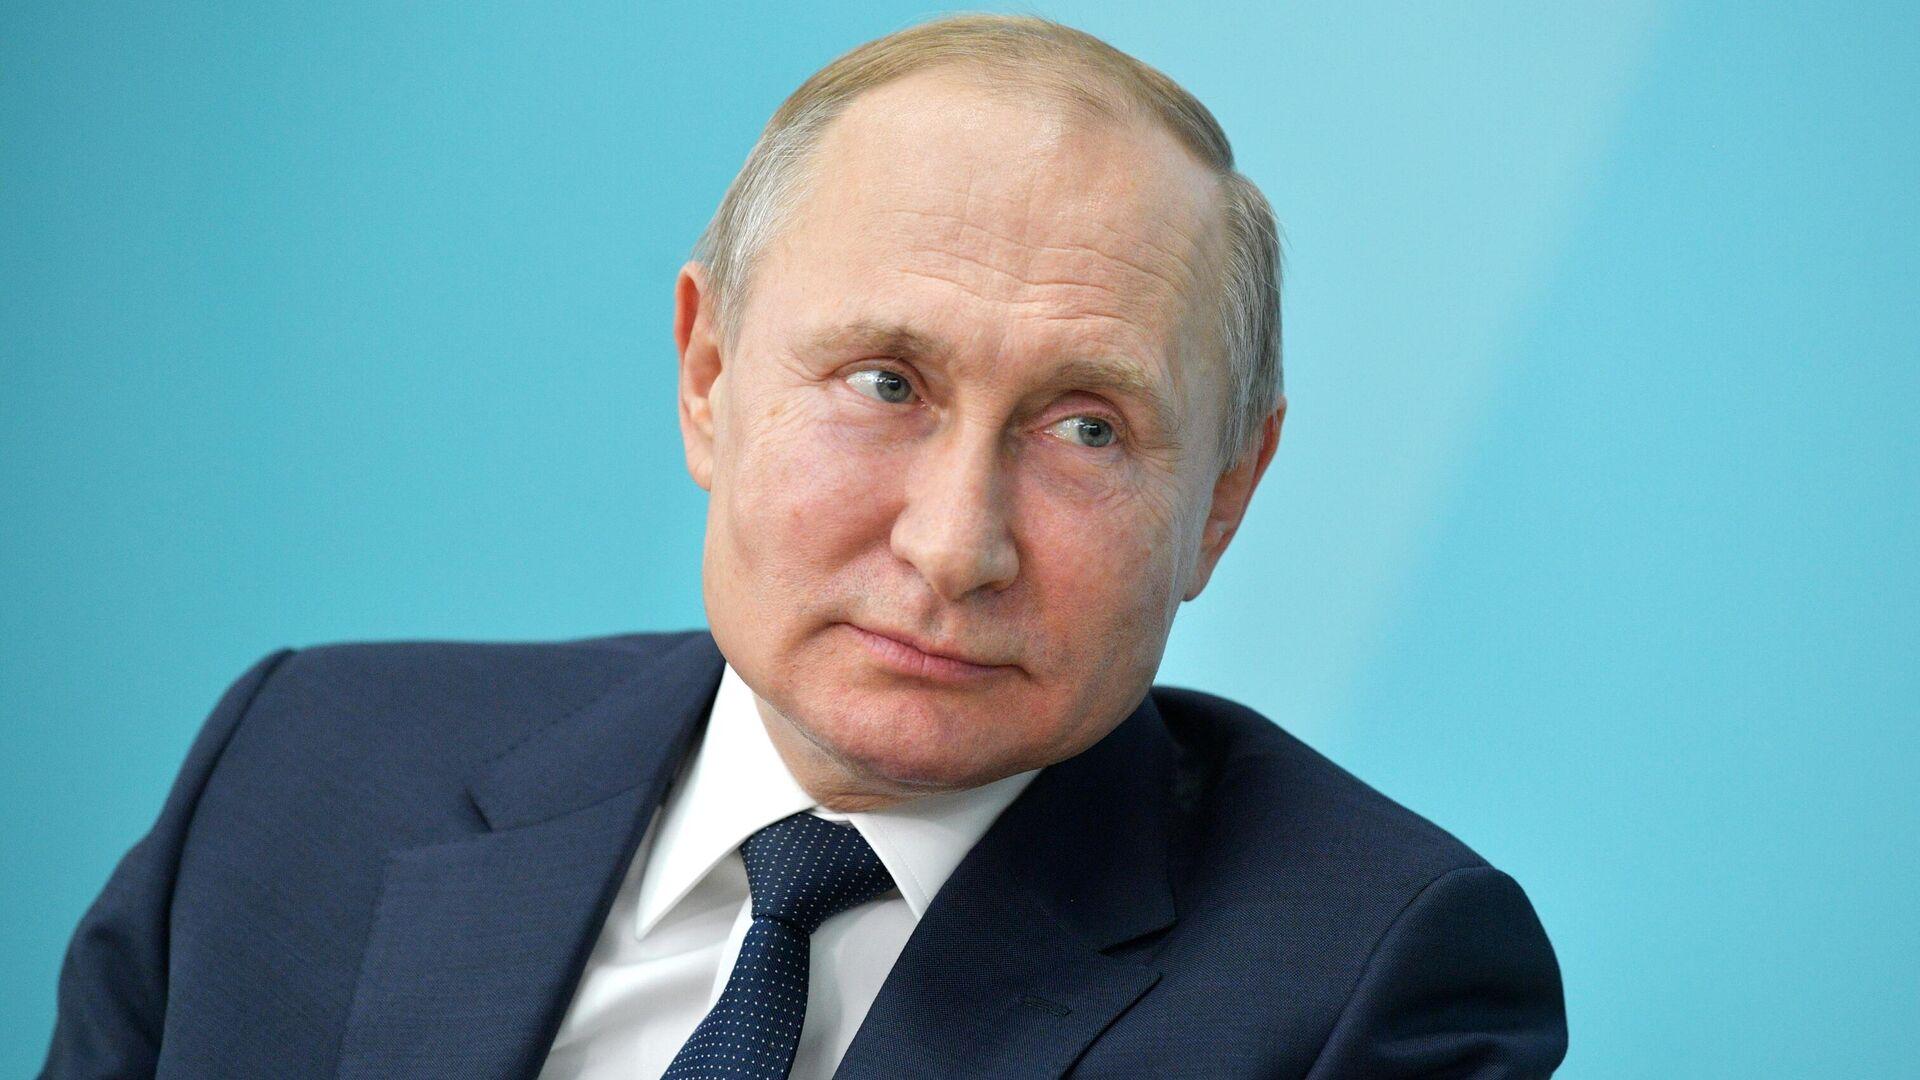 Немецкий журналист рассказал о регулярных встречах с Путиным